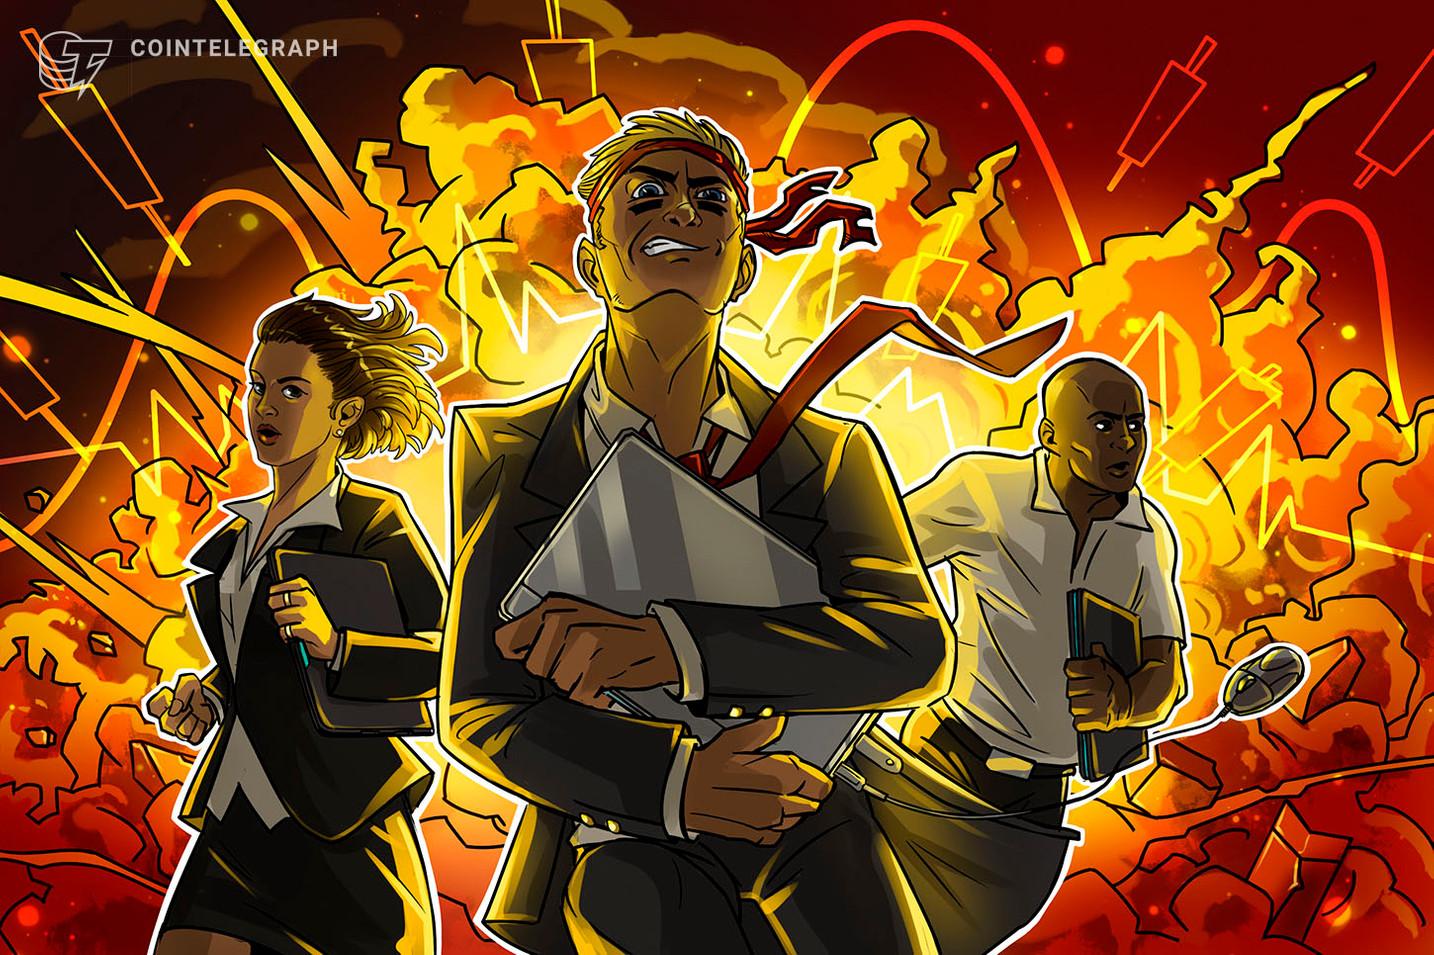 Bitcoin se desploma de nuevo hasta USD 7,400, eliminando por completo el rally de octubre